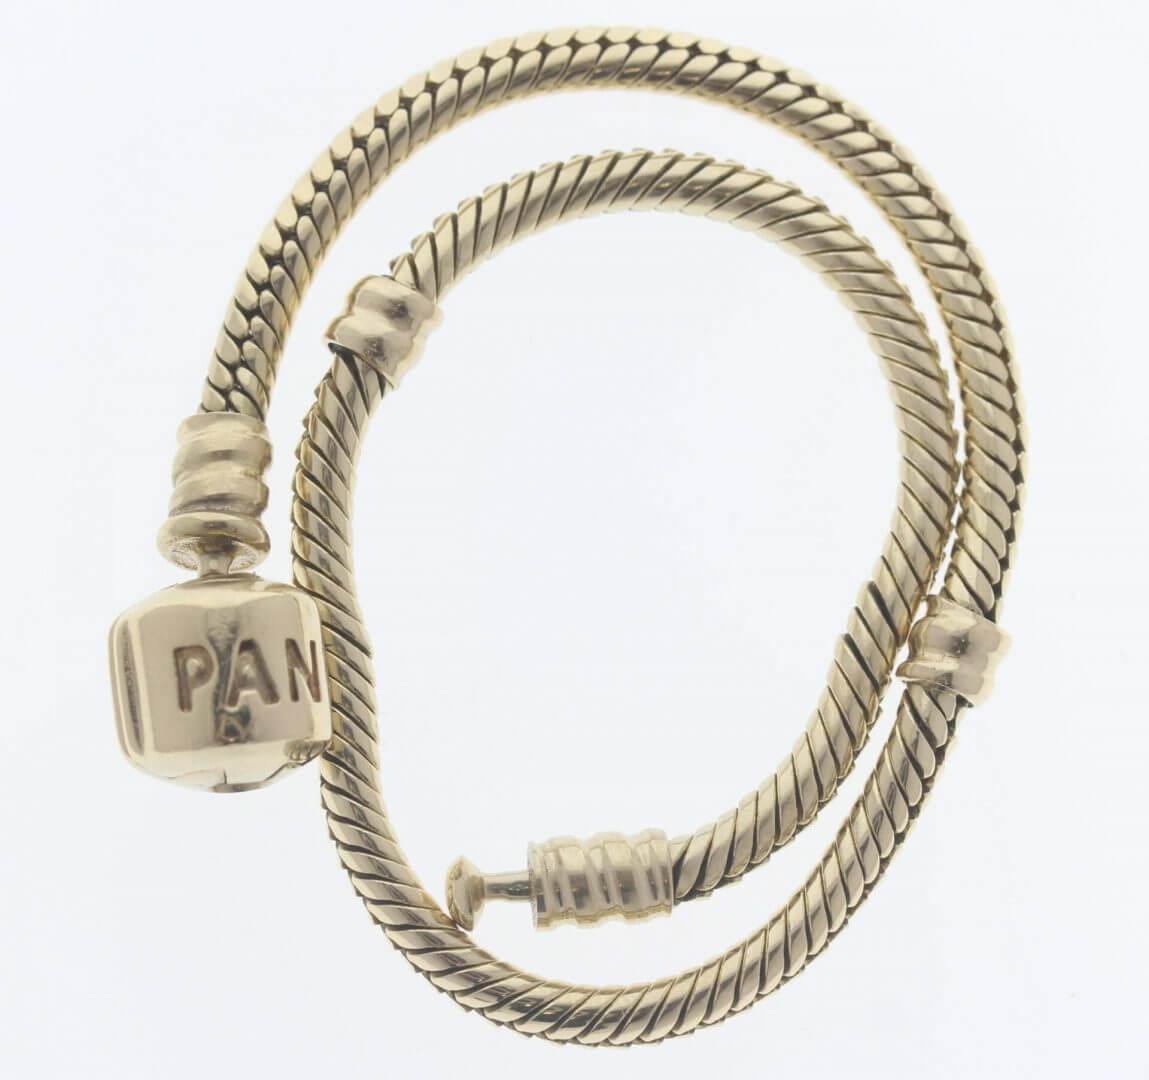 Pandora Moments 14ct Gold Charm Bracelet - 550702 - ALE 585 9